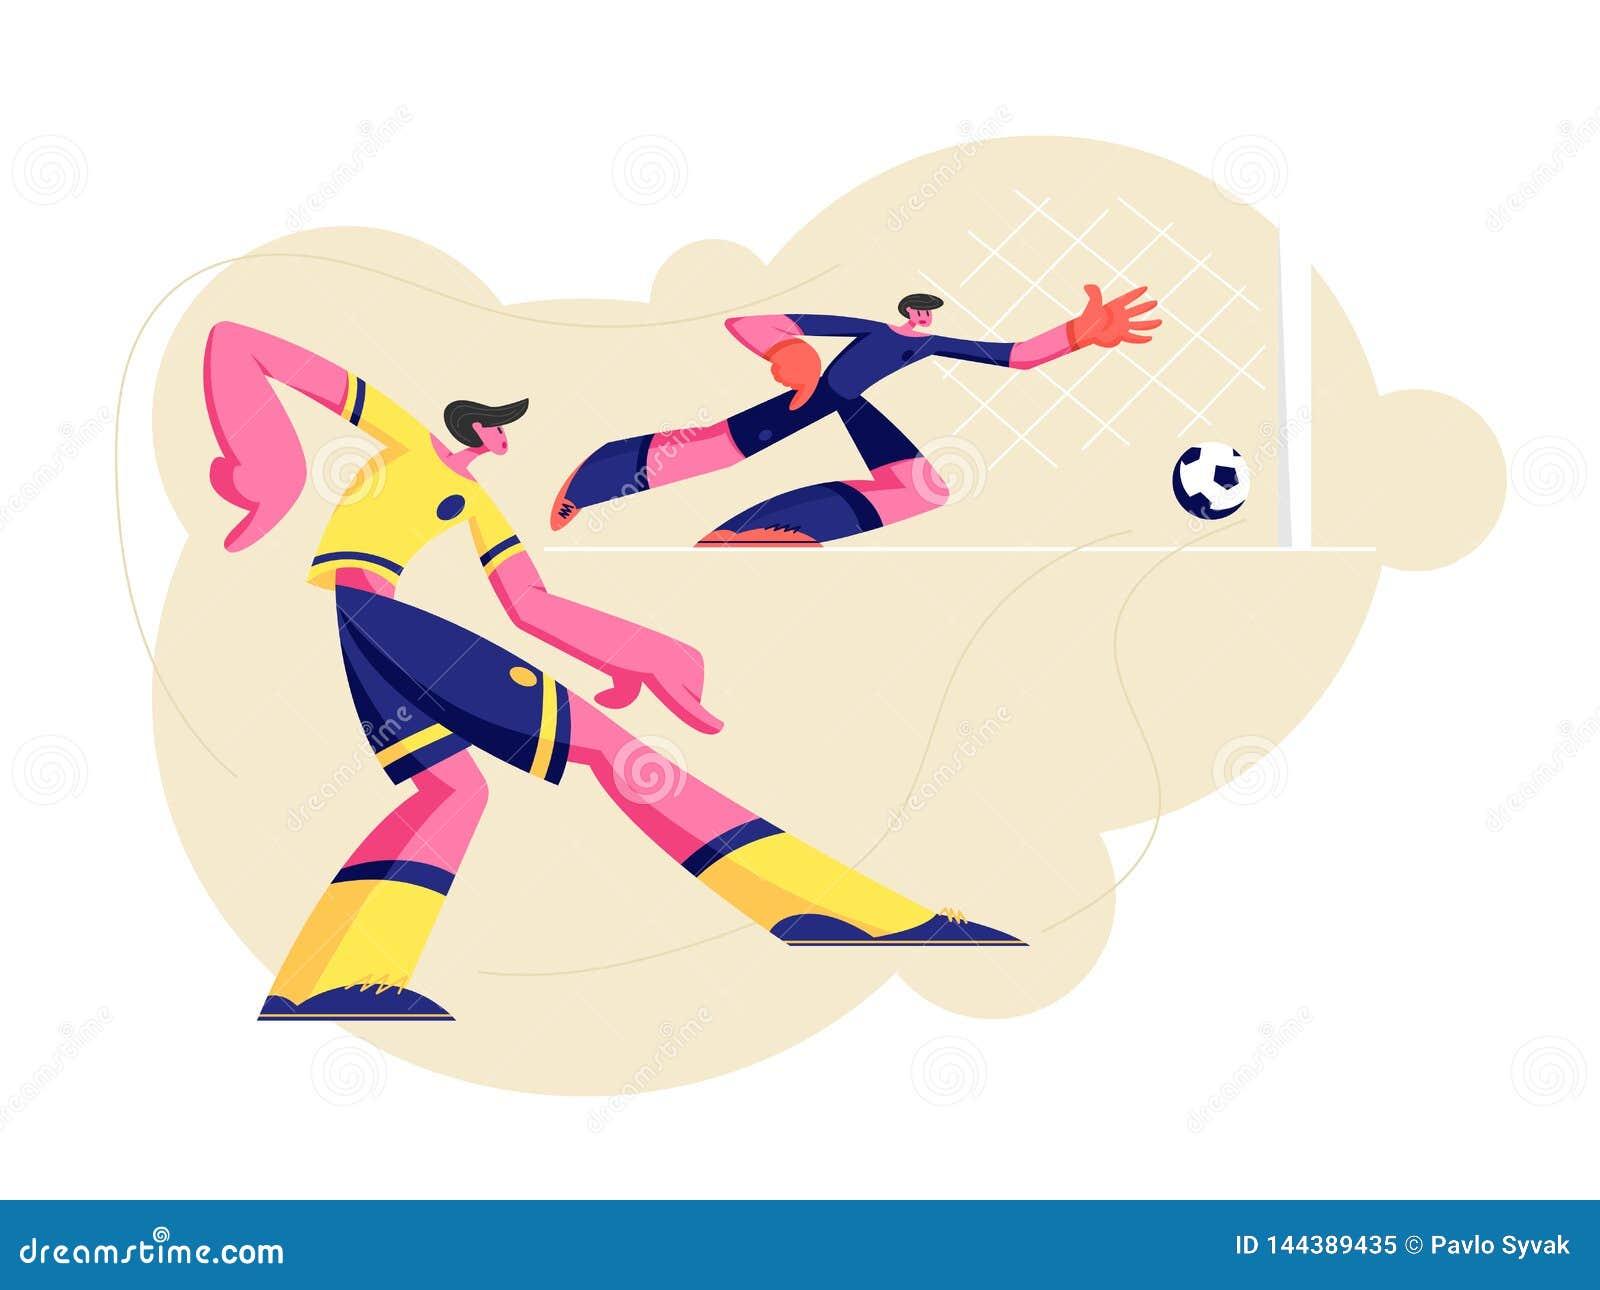 Pares de hombres jovenes en los deportes partido de fútbol practicante uniforme, jugador de fútbol que golpea la bola con el pie,